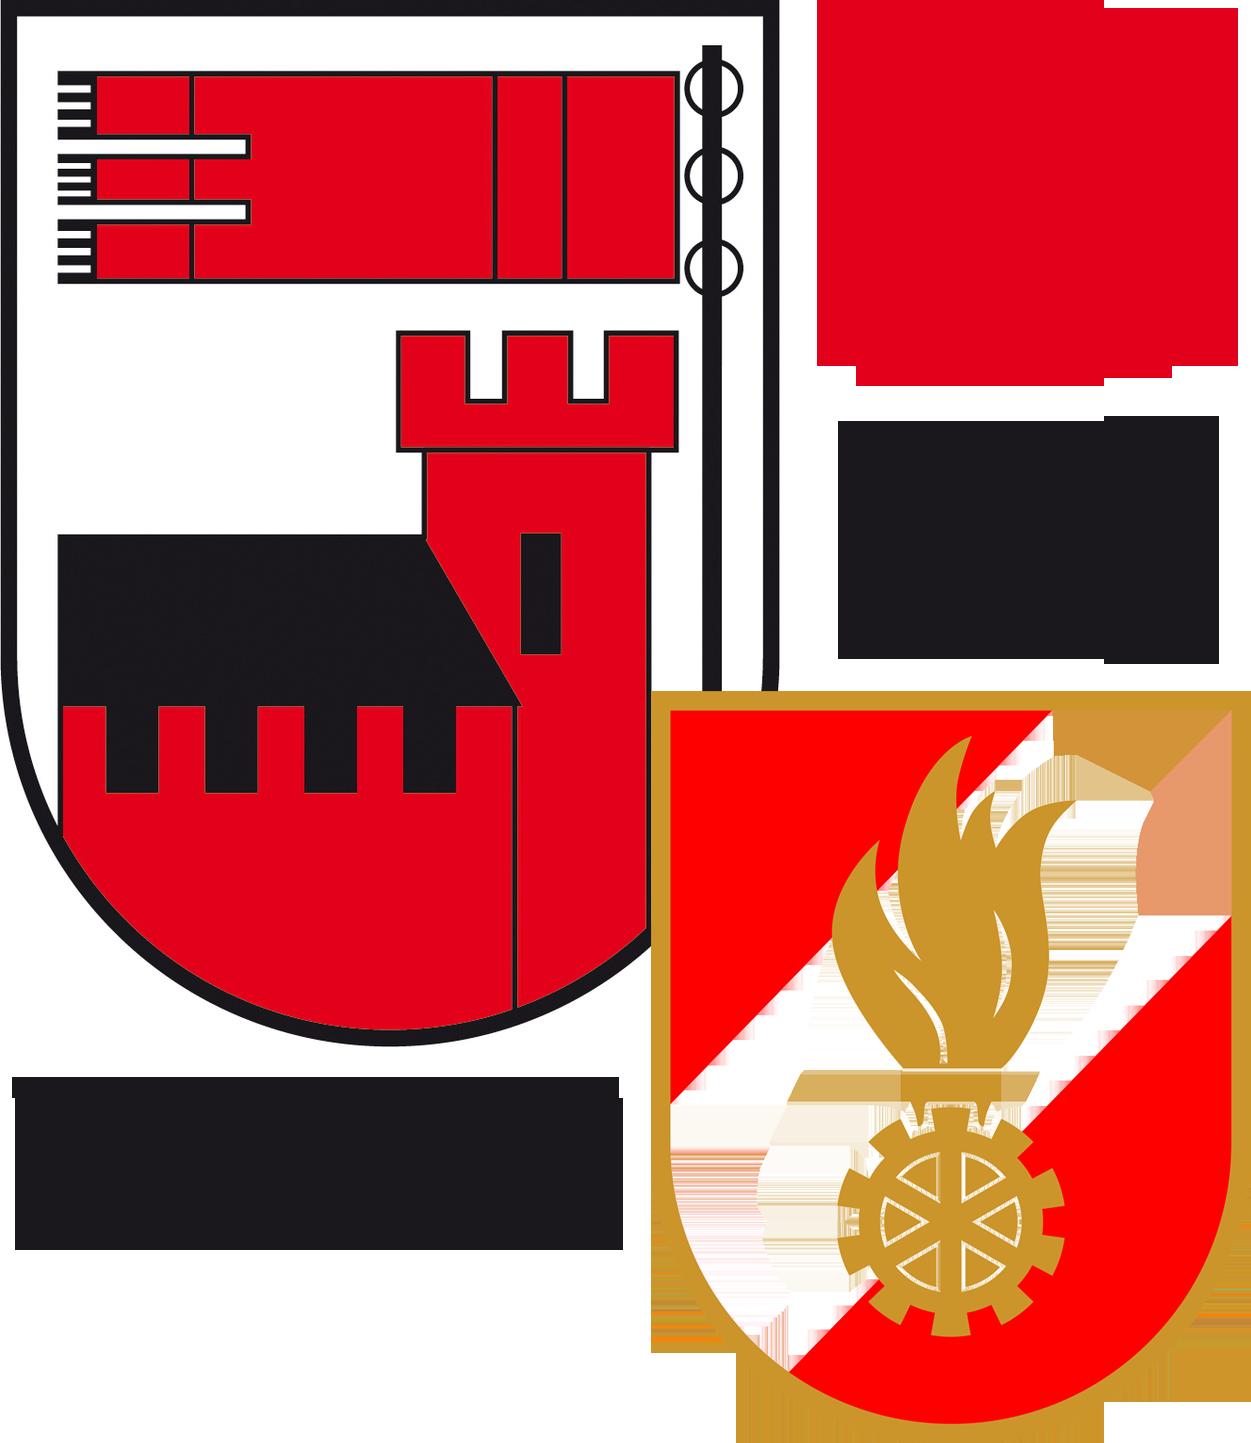 Feuerwehr Weiler